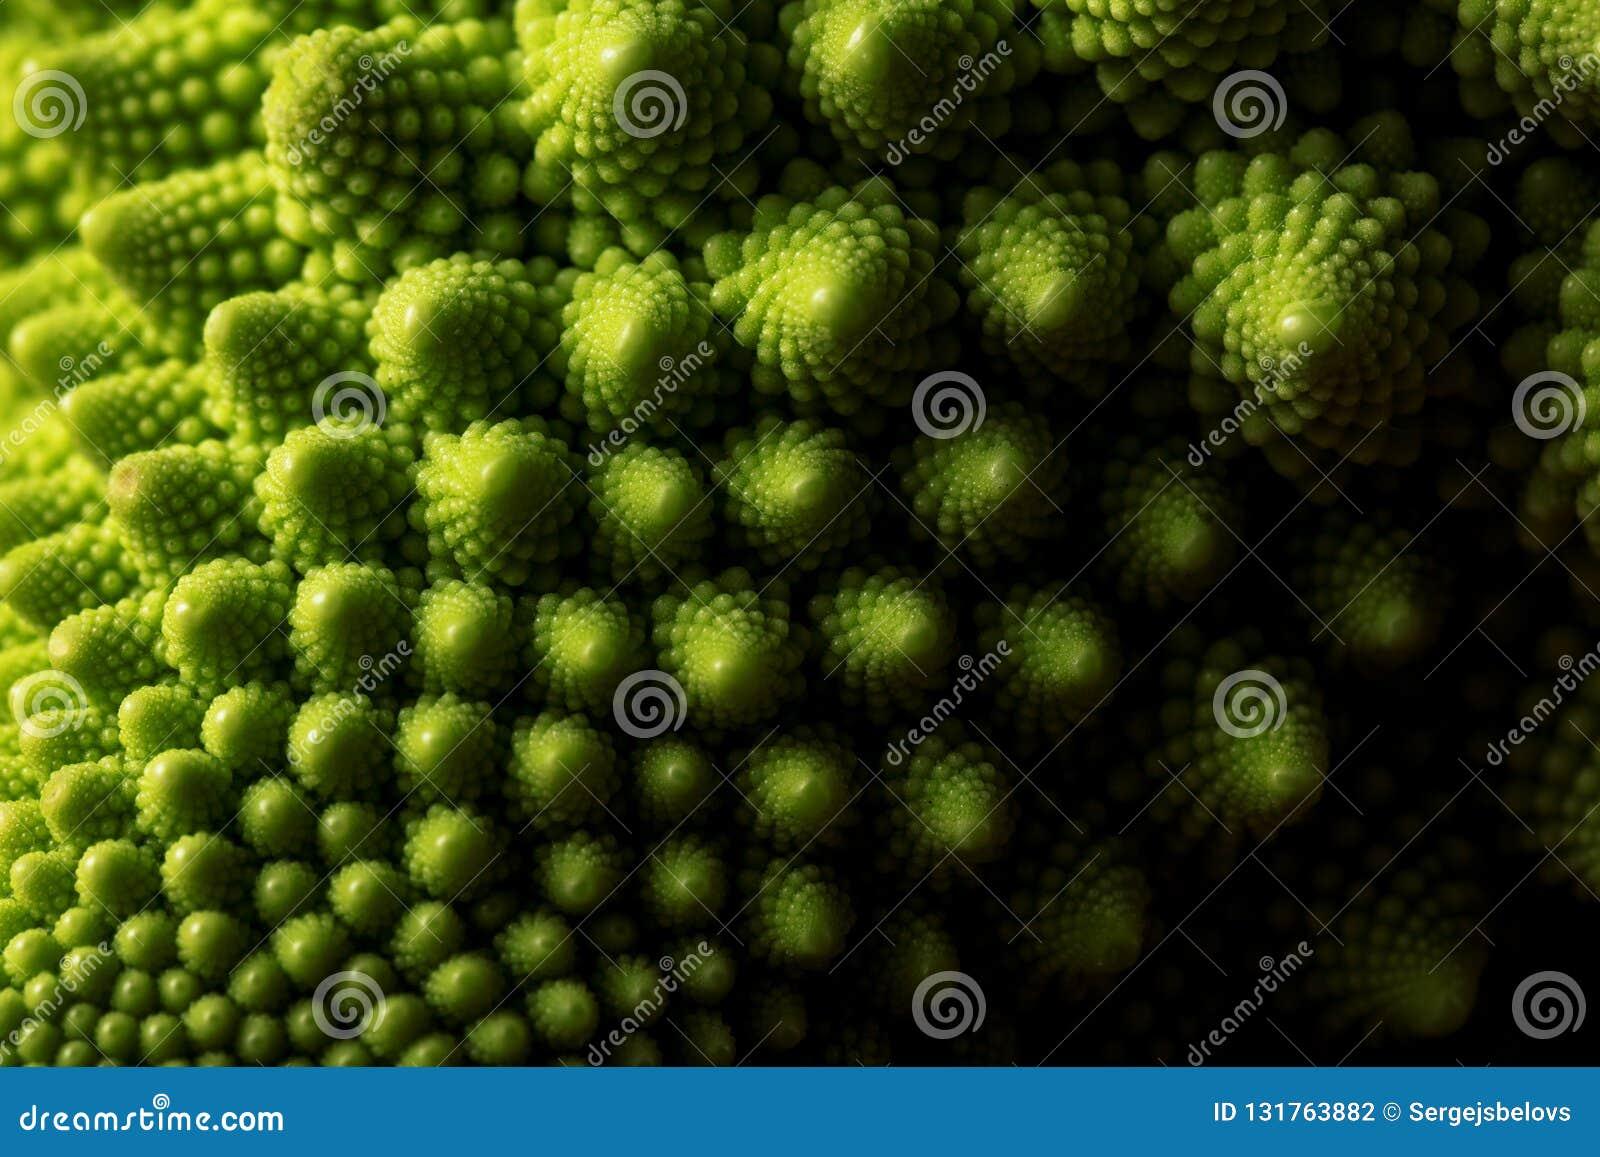 Ny makro för romanescokålgrönsak, selektiv fokus